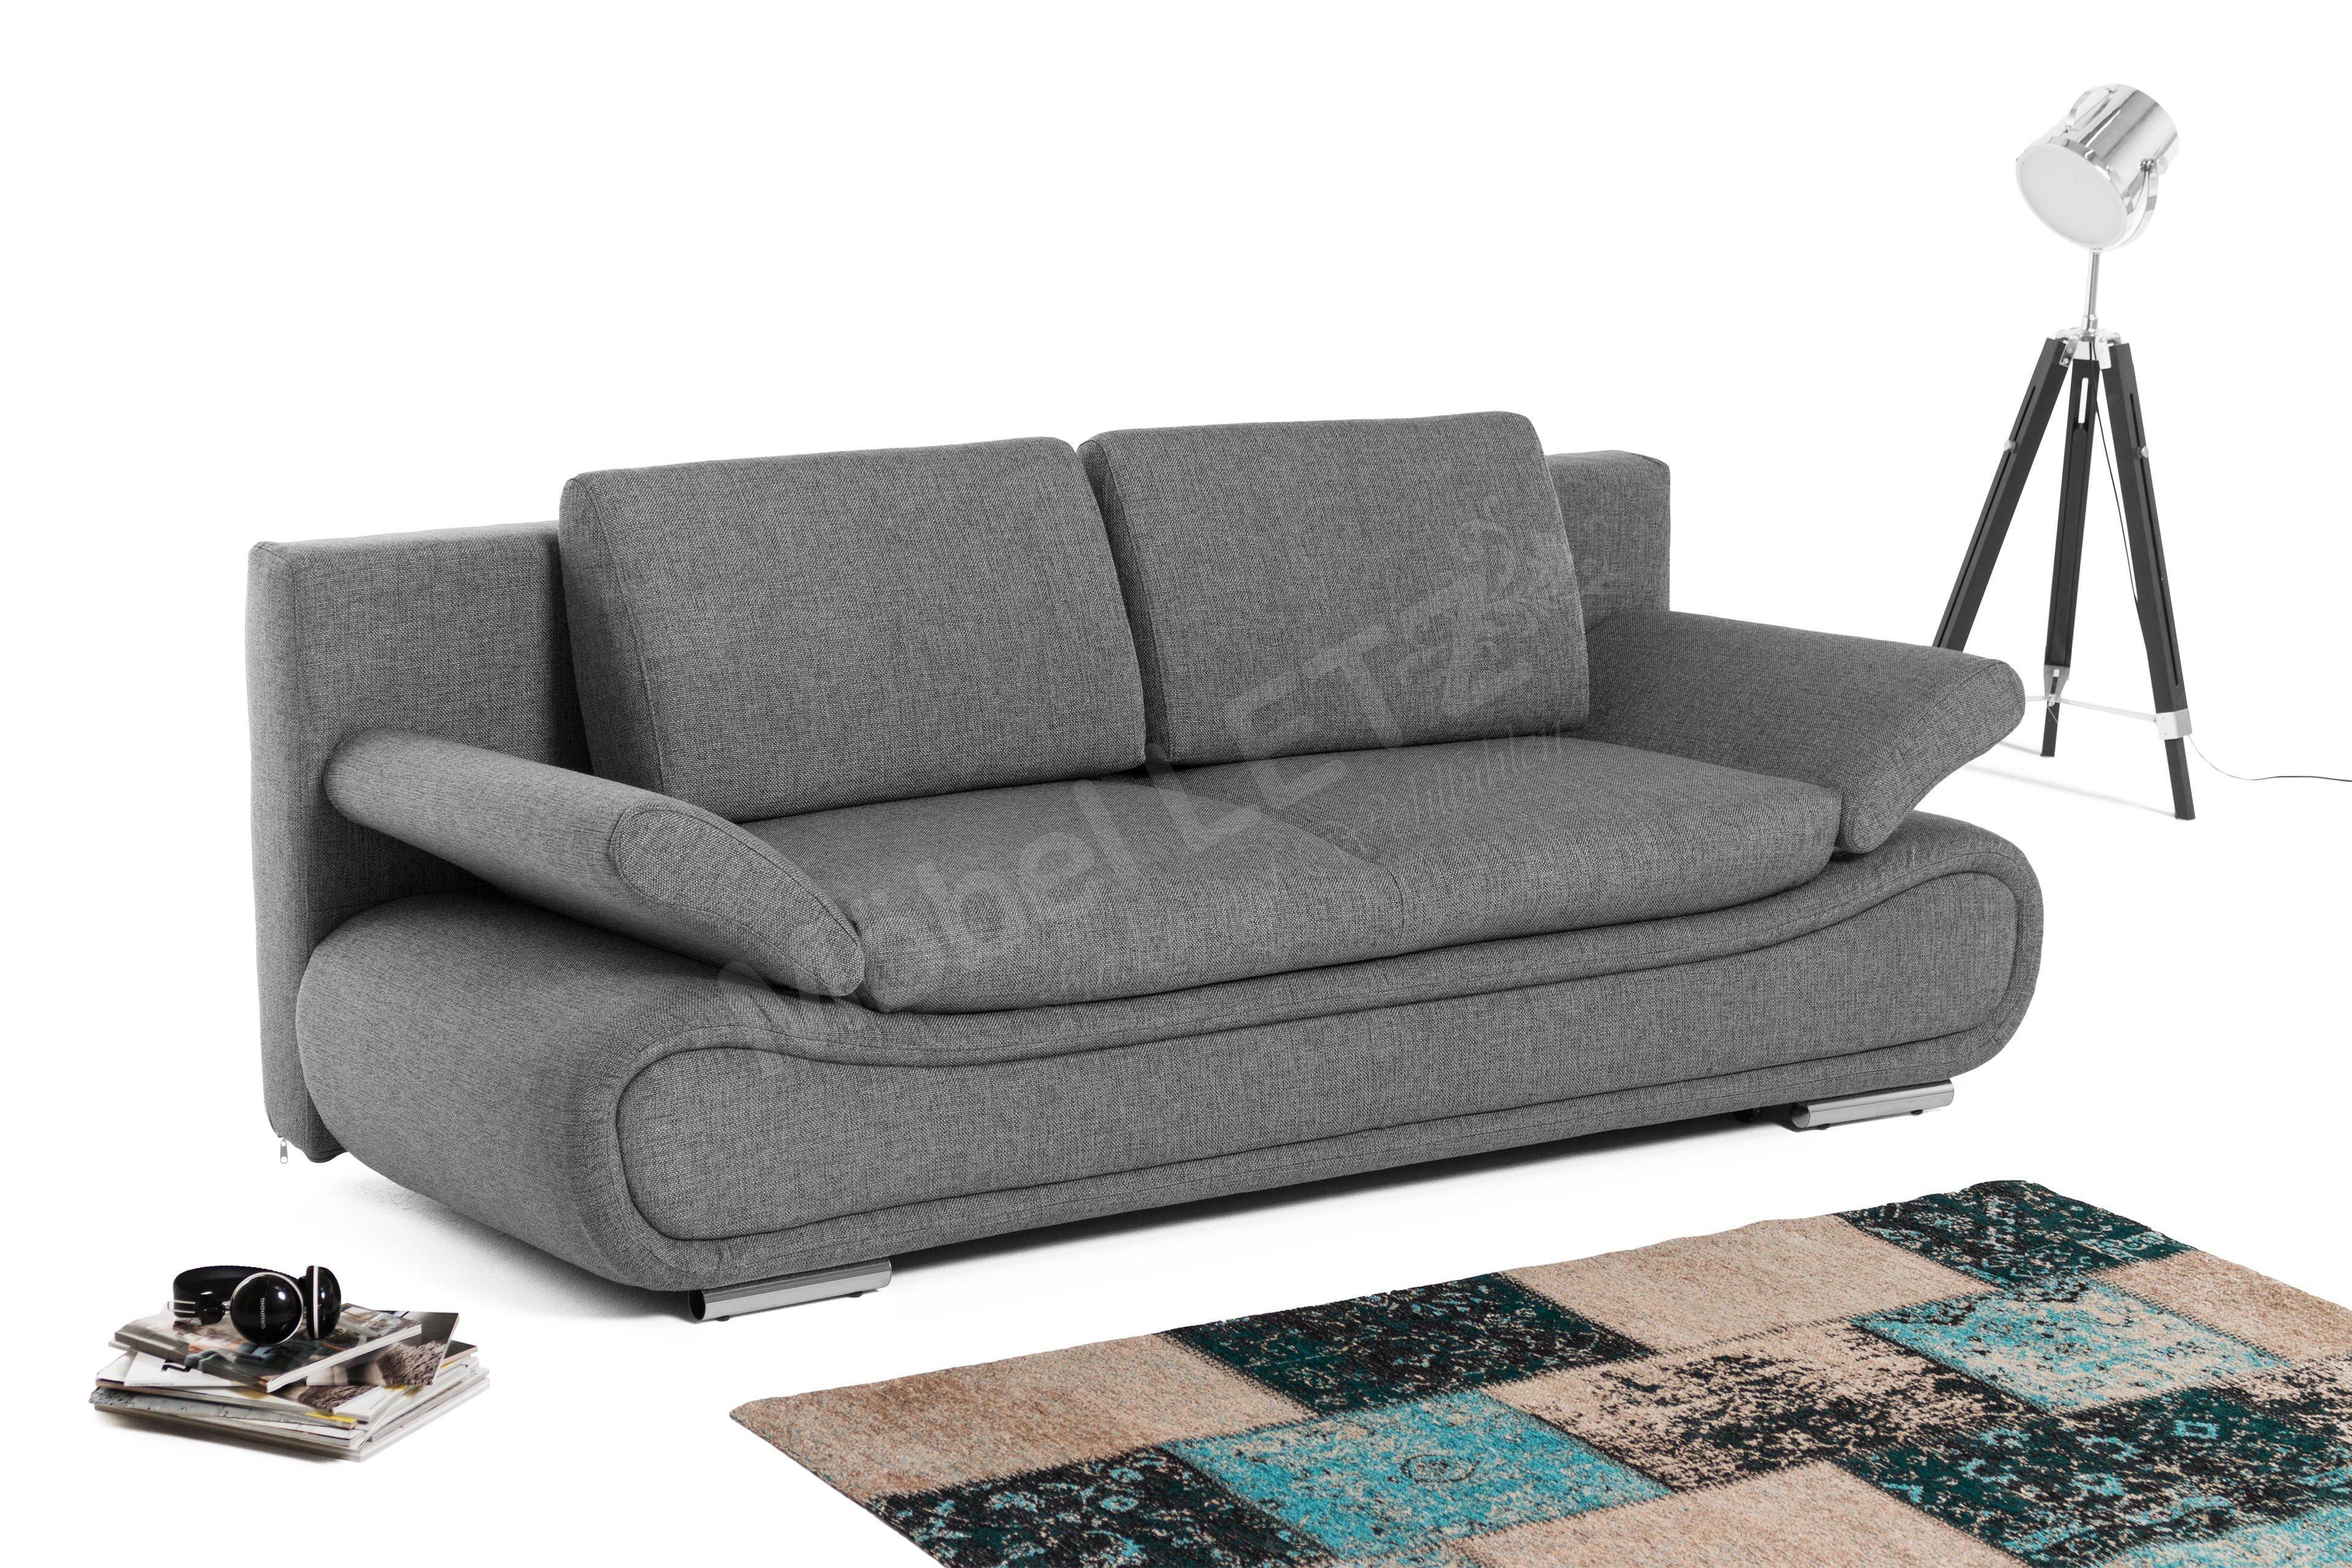 kollektion letz veda schlafsofa grau m bel letz ihr online shop. Black Bedroom Furniture Sets. Home Design Ideas